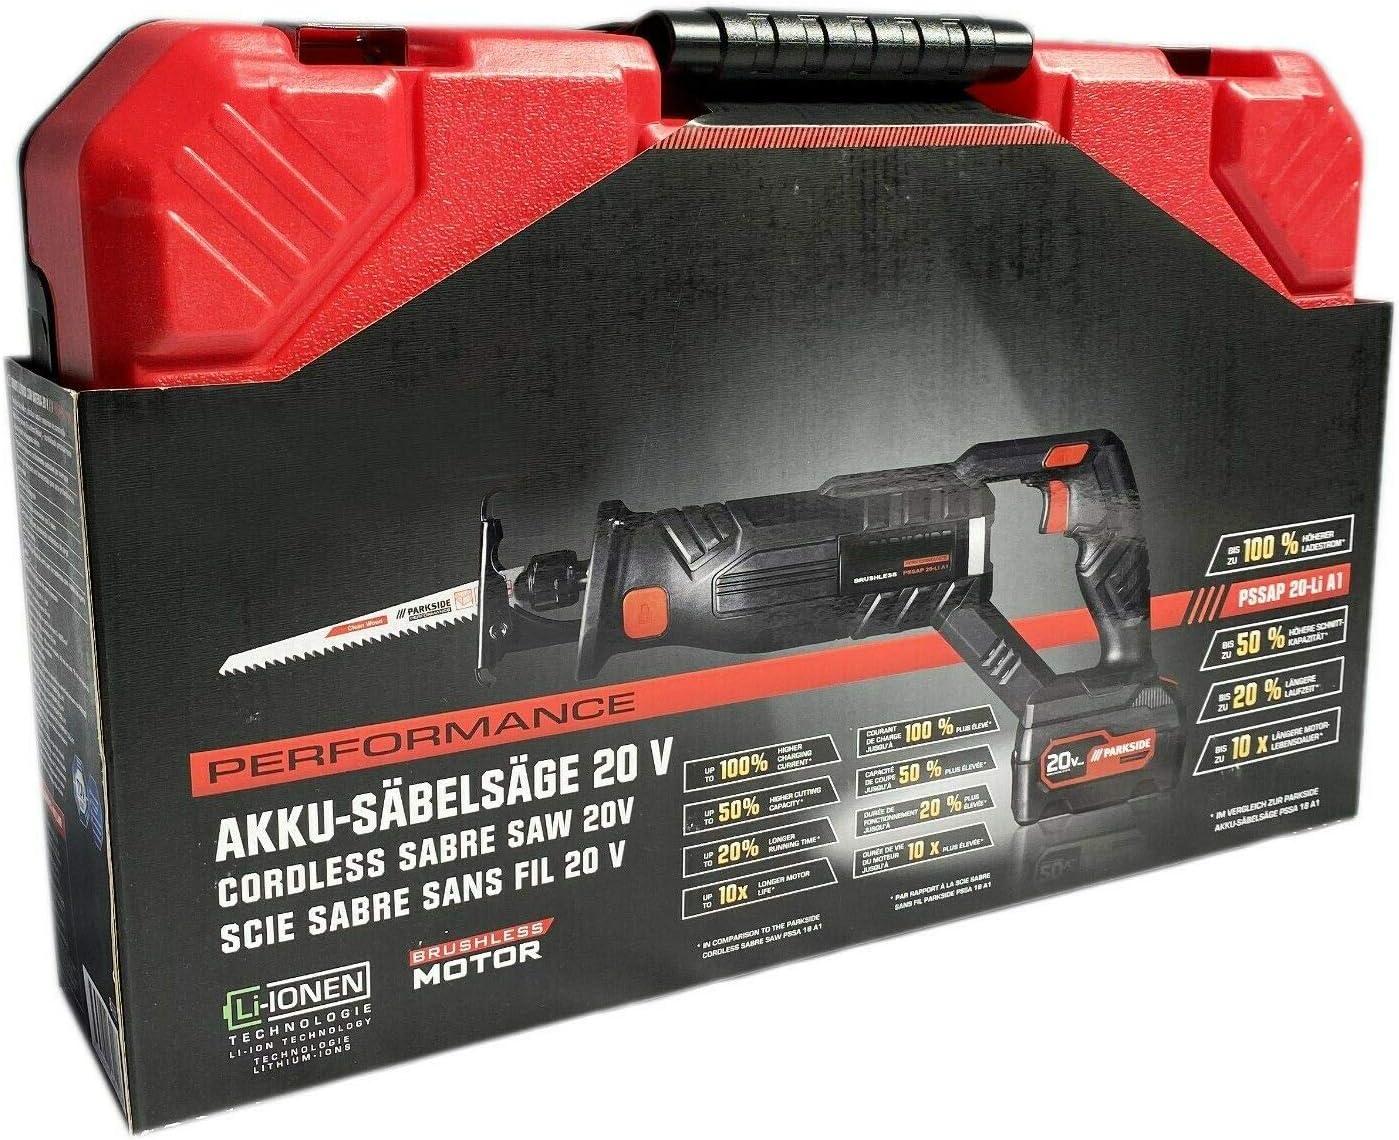 LG Parkside ® Batterie-Scie PSSA 20-li a1 NOUVEAU /& NEUF dans sa boîte sans batterie